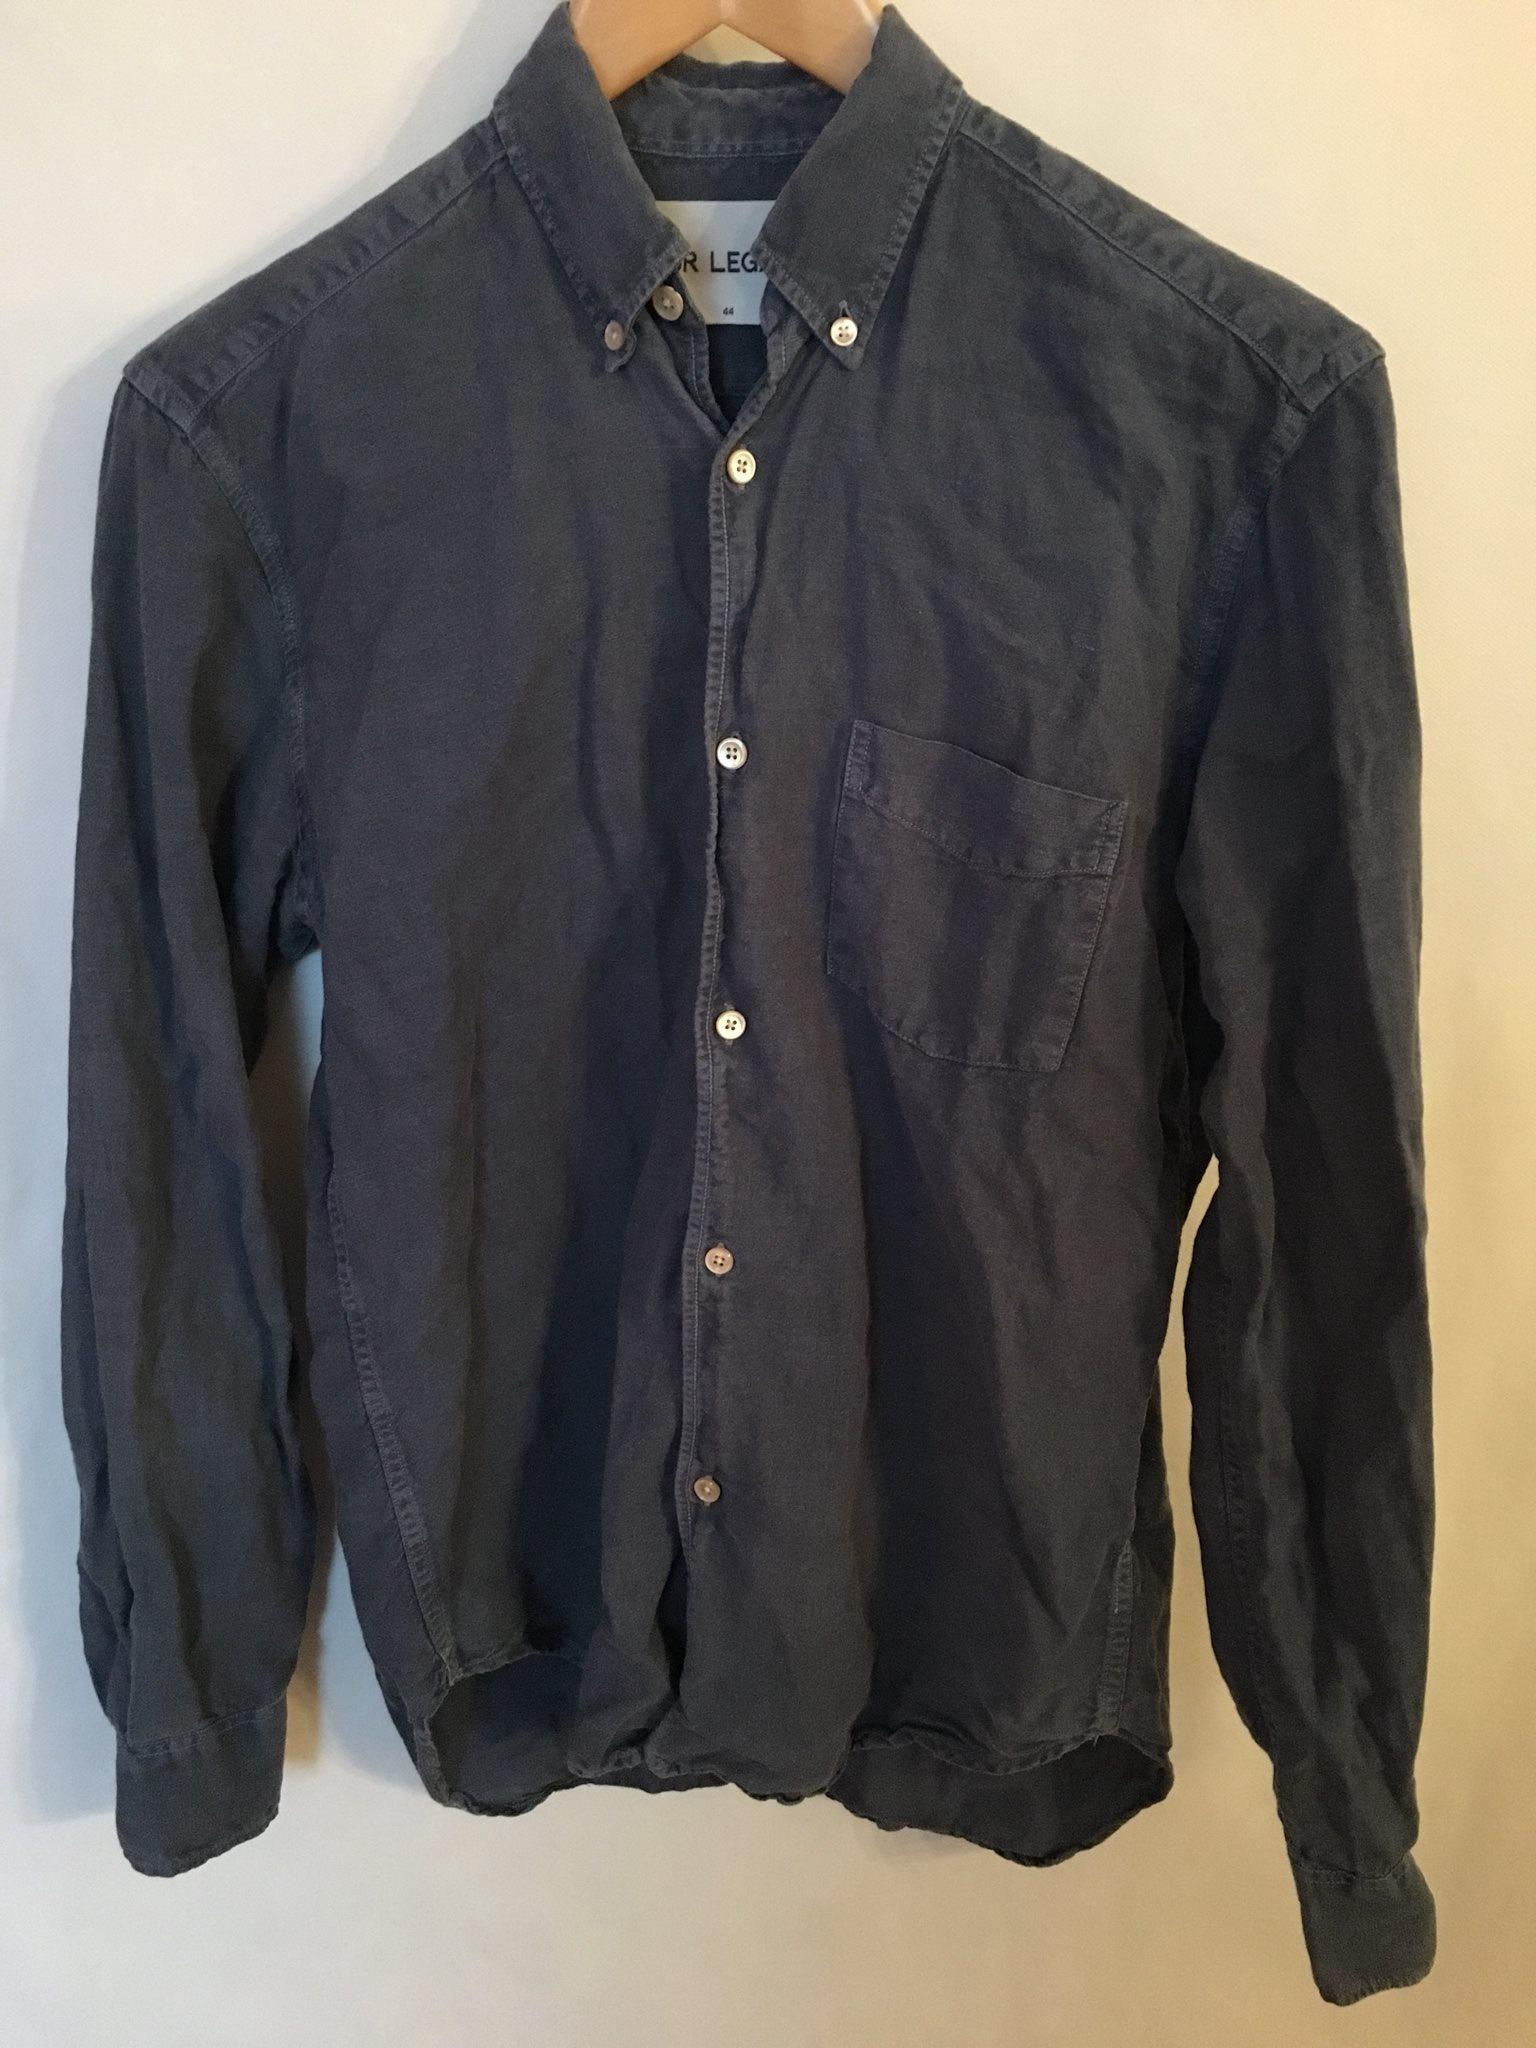 Our Legacy bomull/linne skjorta blå stl 44/XS